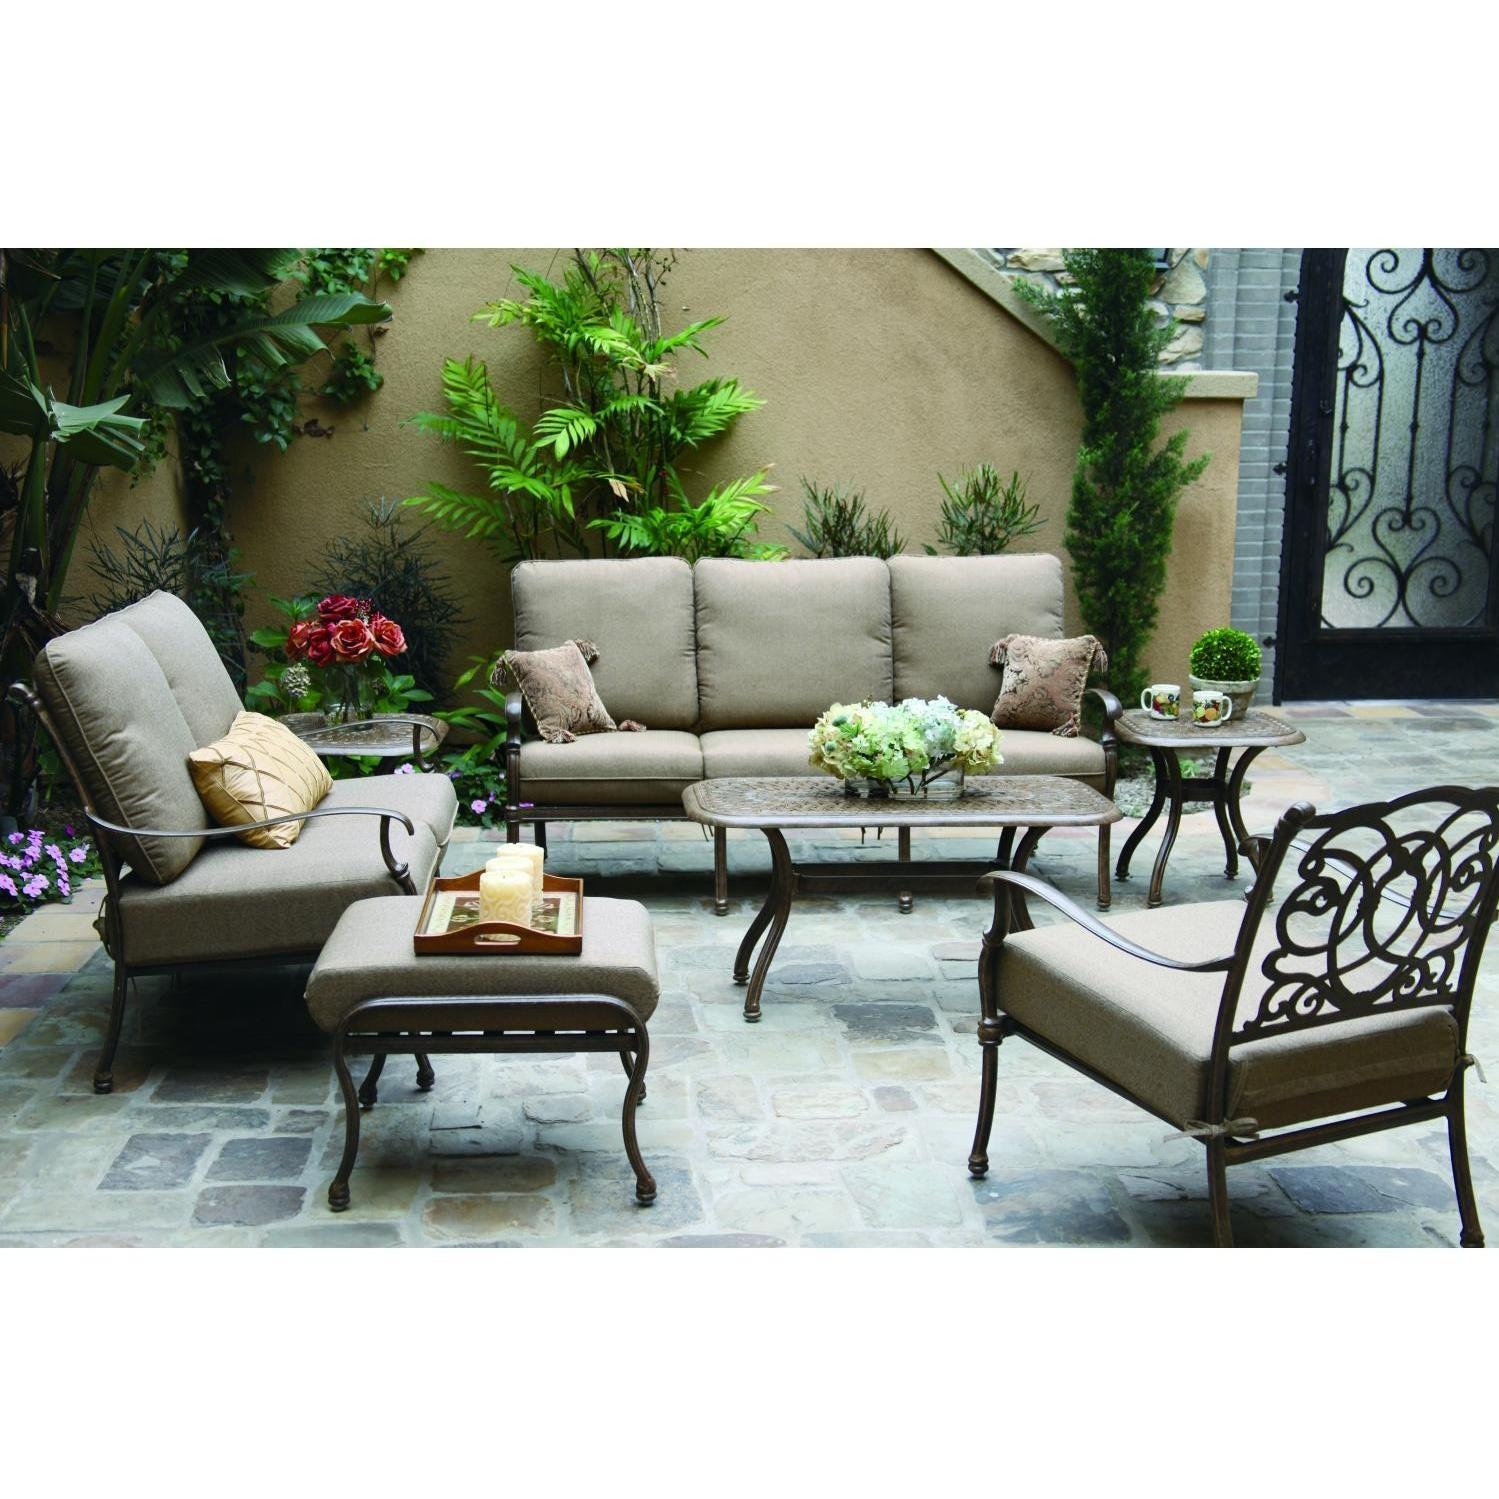 aluminium patio set aluminum patio conversation sets cast aluminum patio  furniture cast aluminum patio furniture conversation